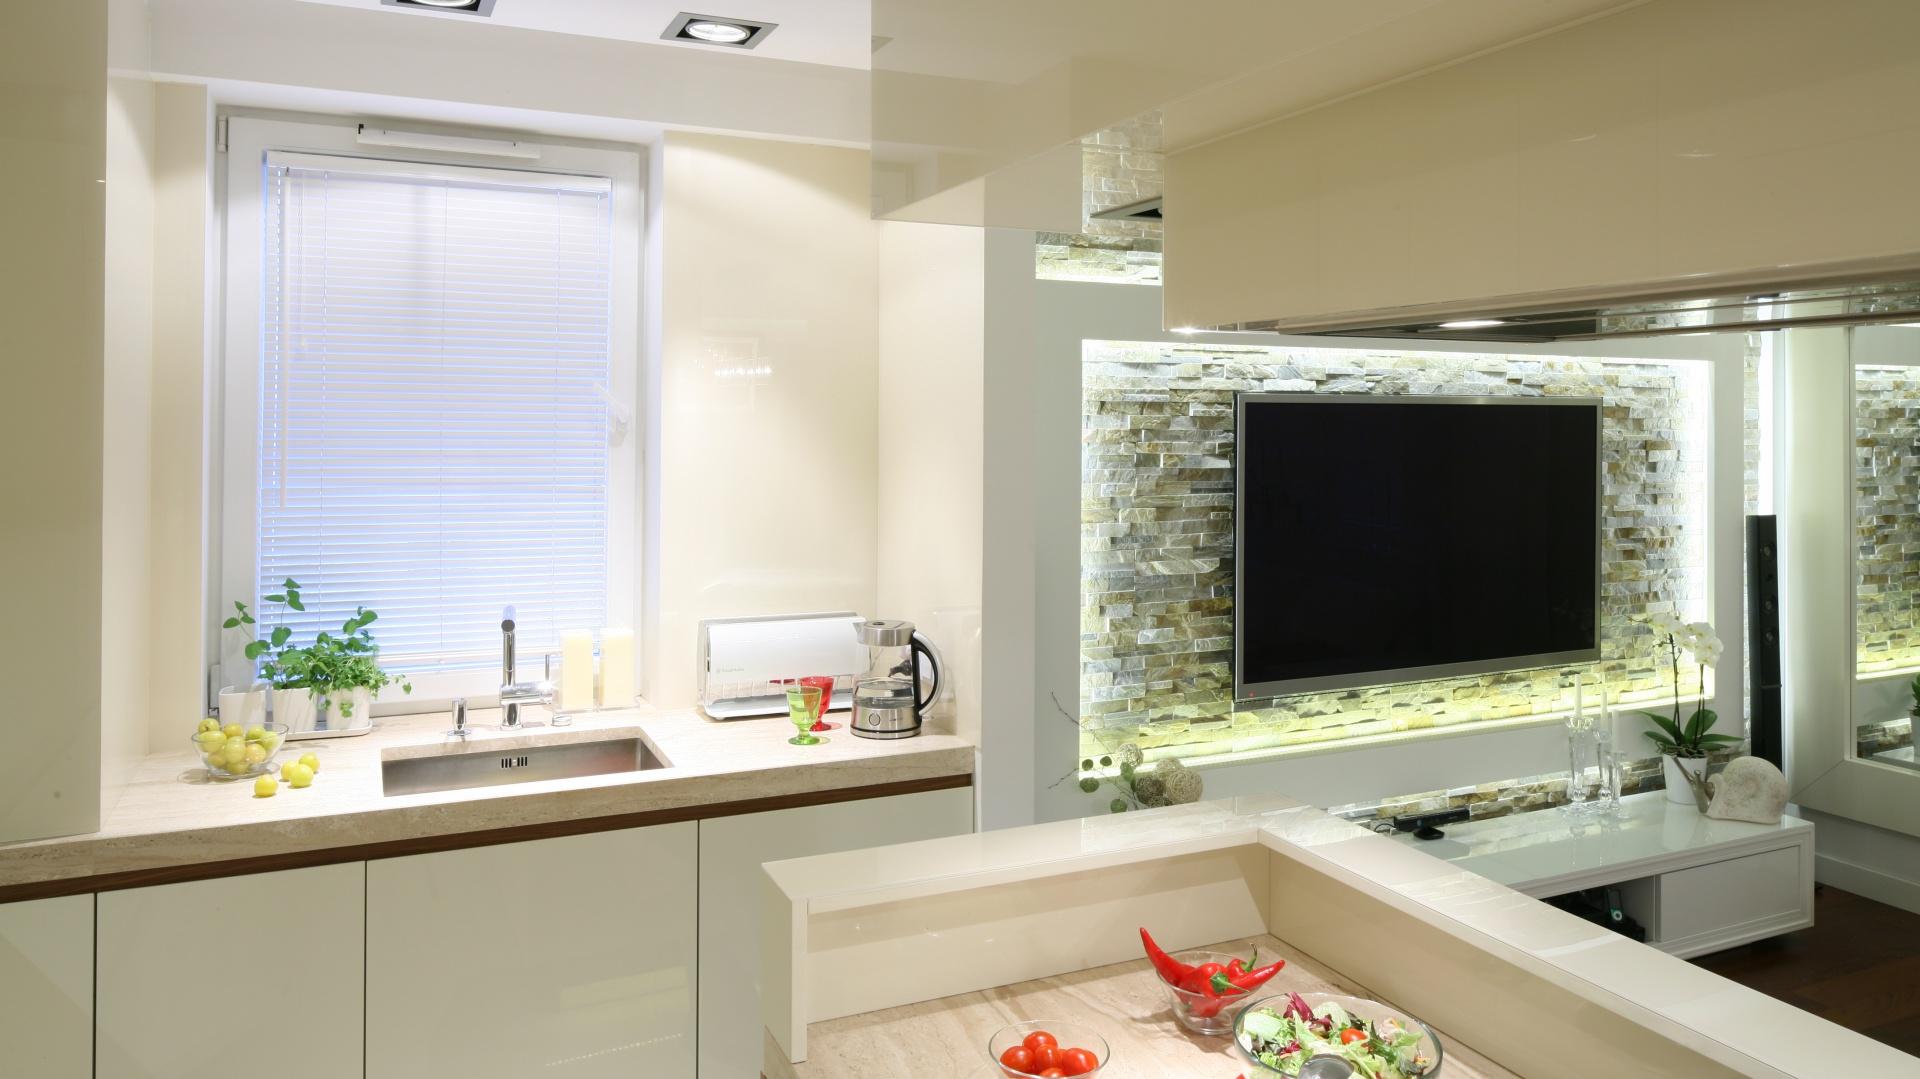 Modna kuchnia: pomysły na strefę zmywania. Projekt: Małgorzata Mazur. Fot. Bartosz Jarosz